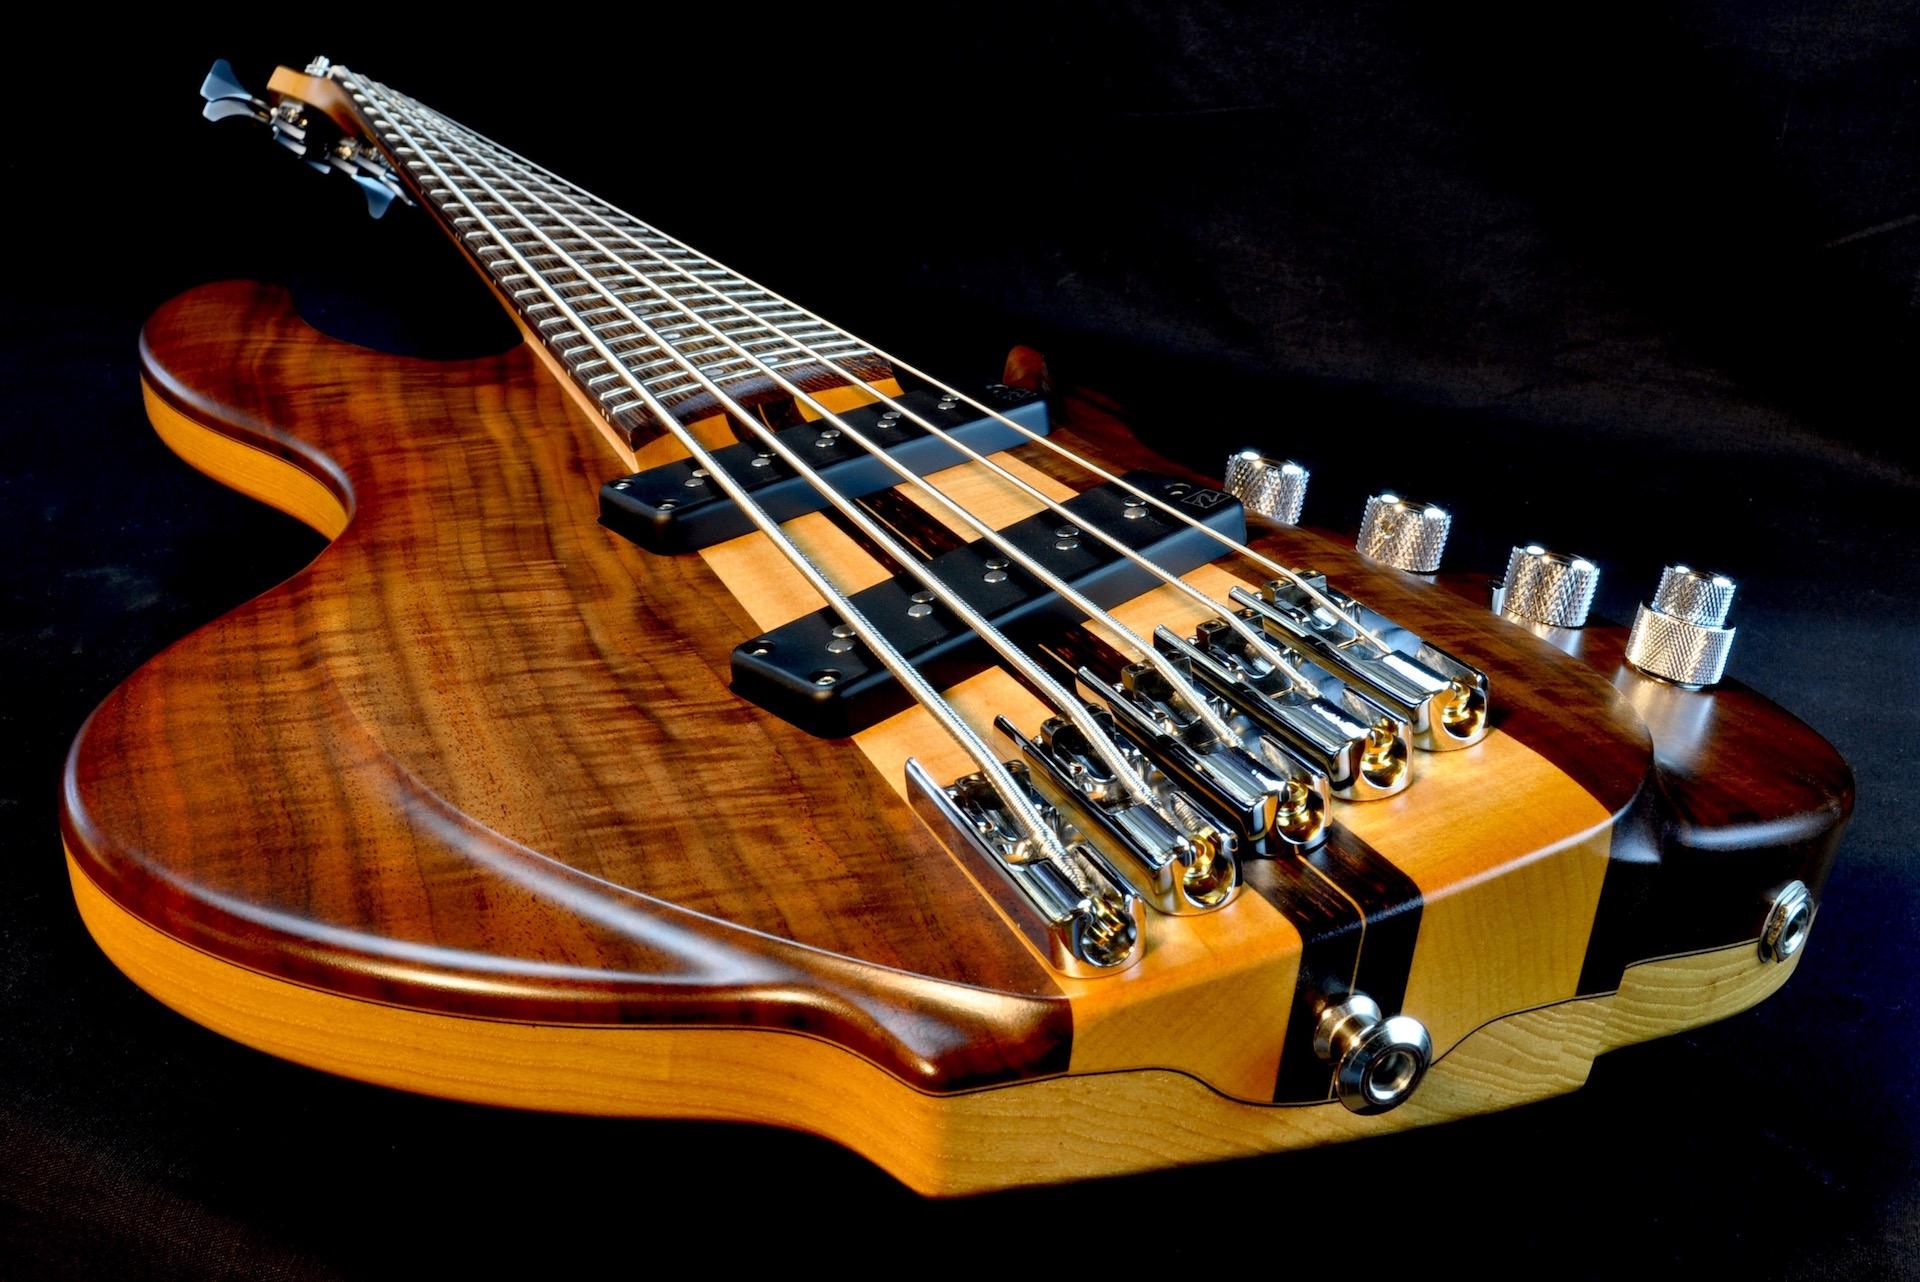 Torzal_Guitars_Natural_Twist_Content_3.jpg